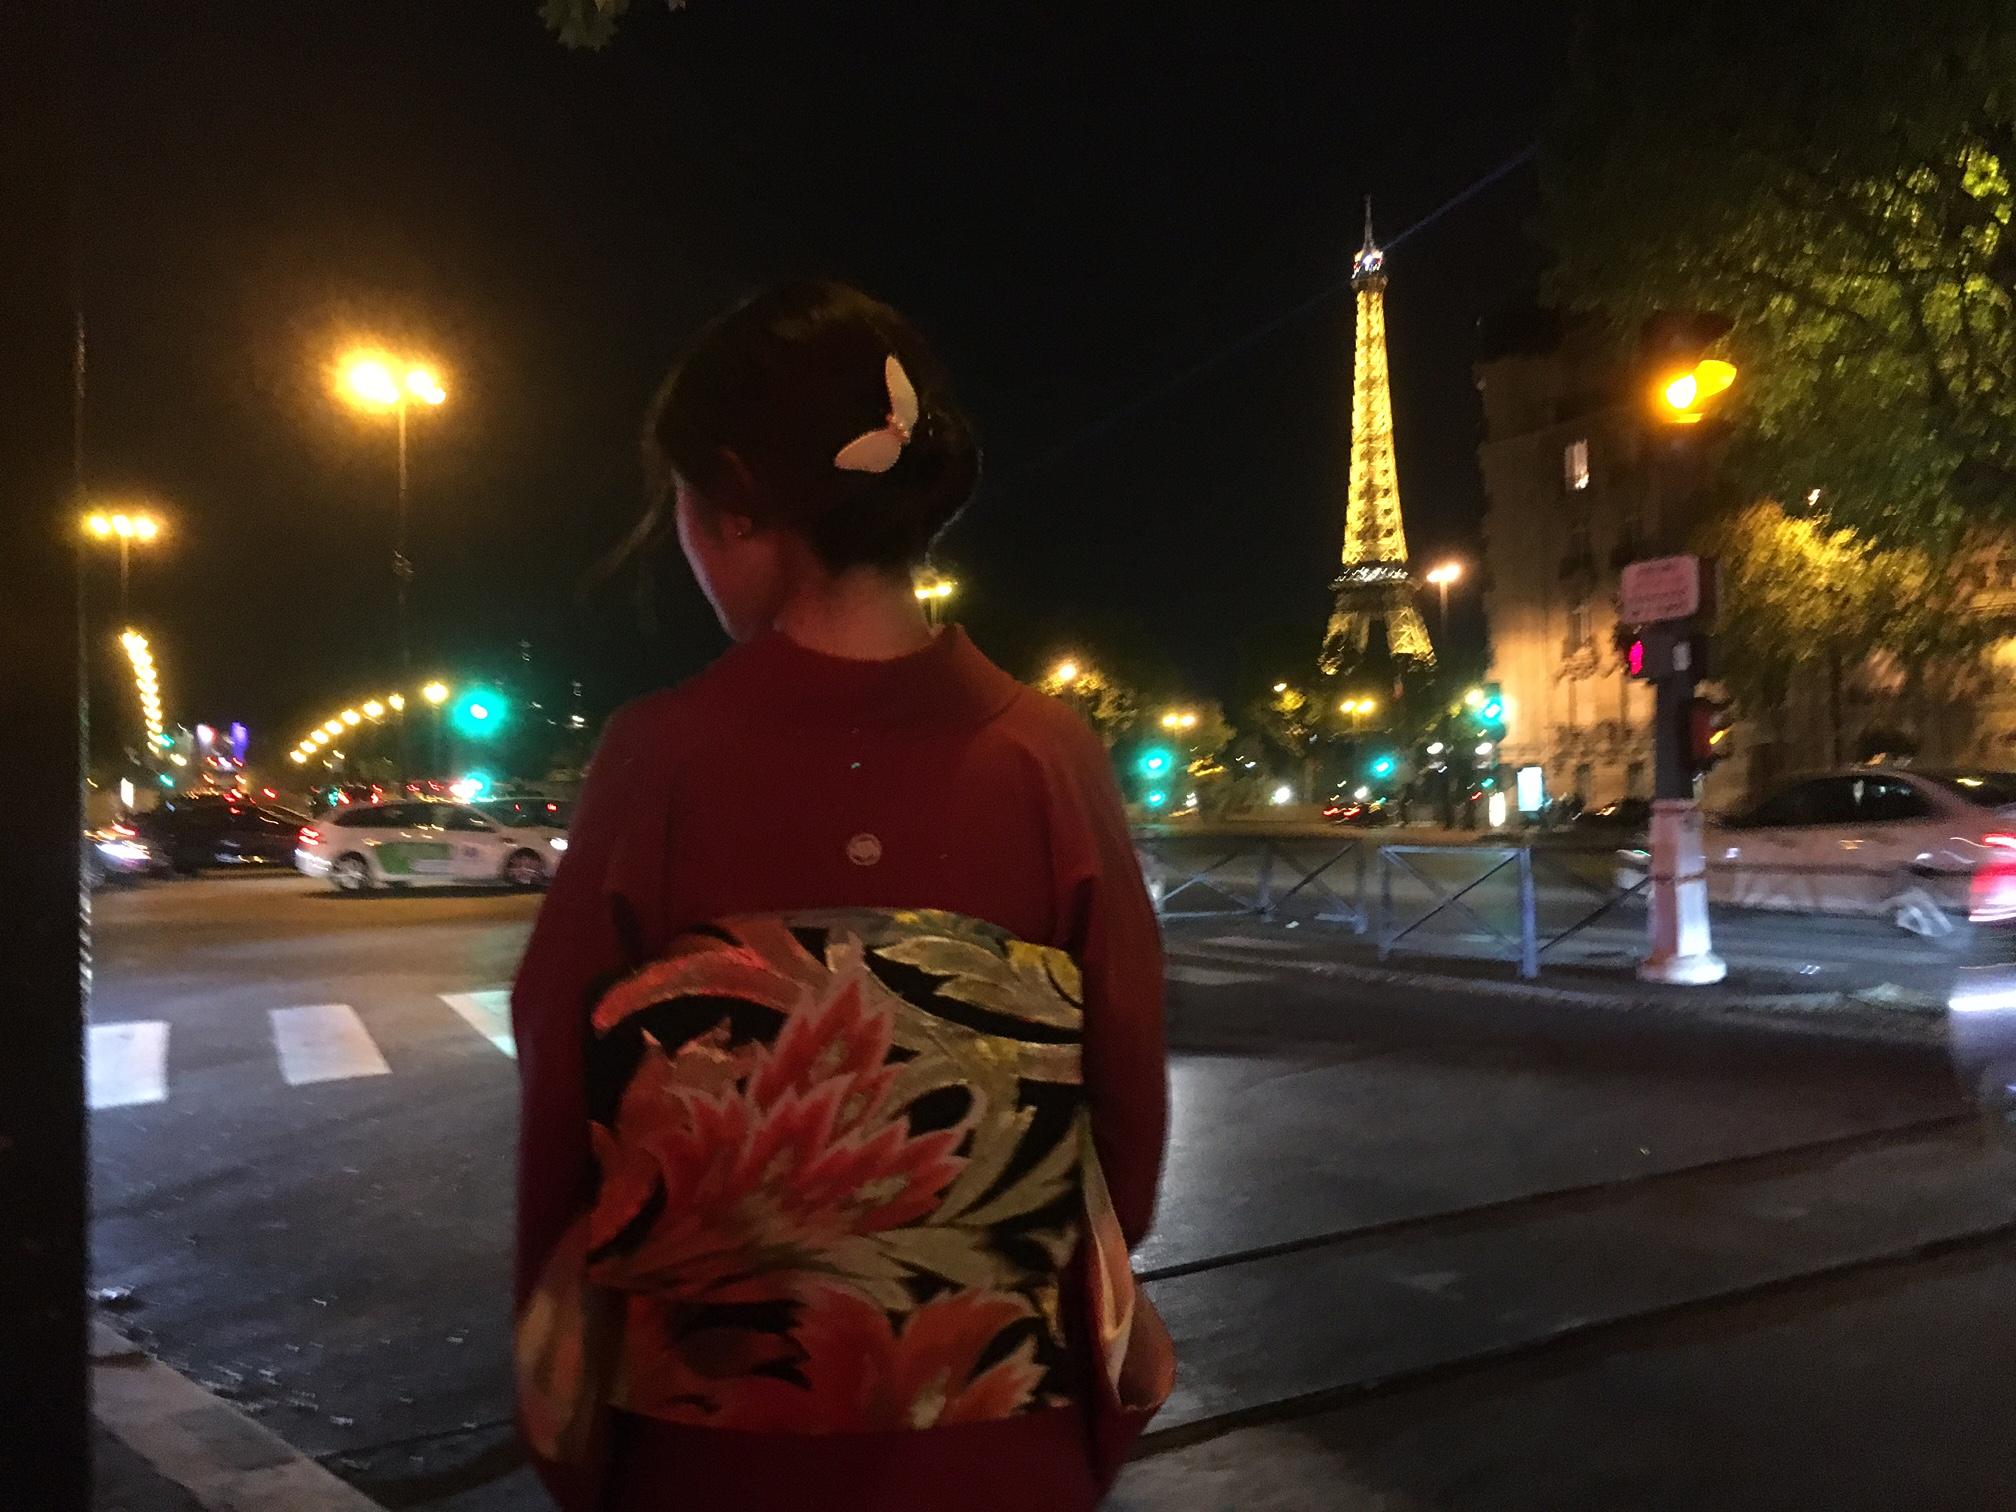 佐伯幸太郎の美女と美食三昧「クレイジーホースでクレイジーな夜に、発射できないなんて!」